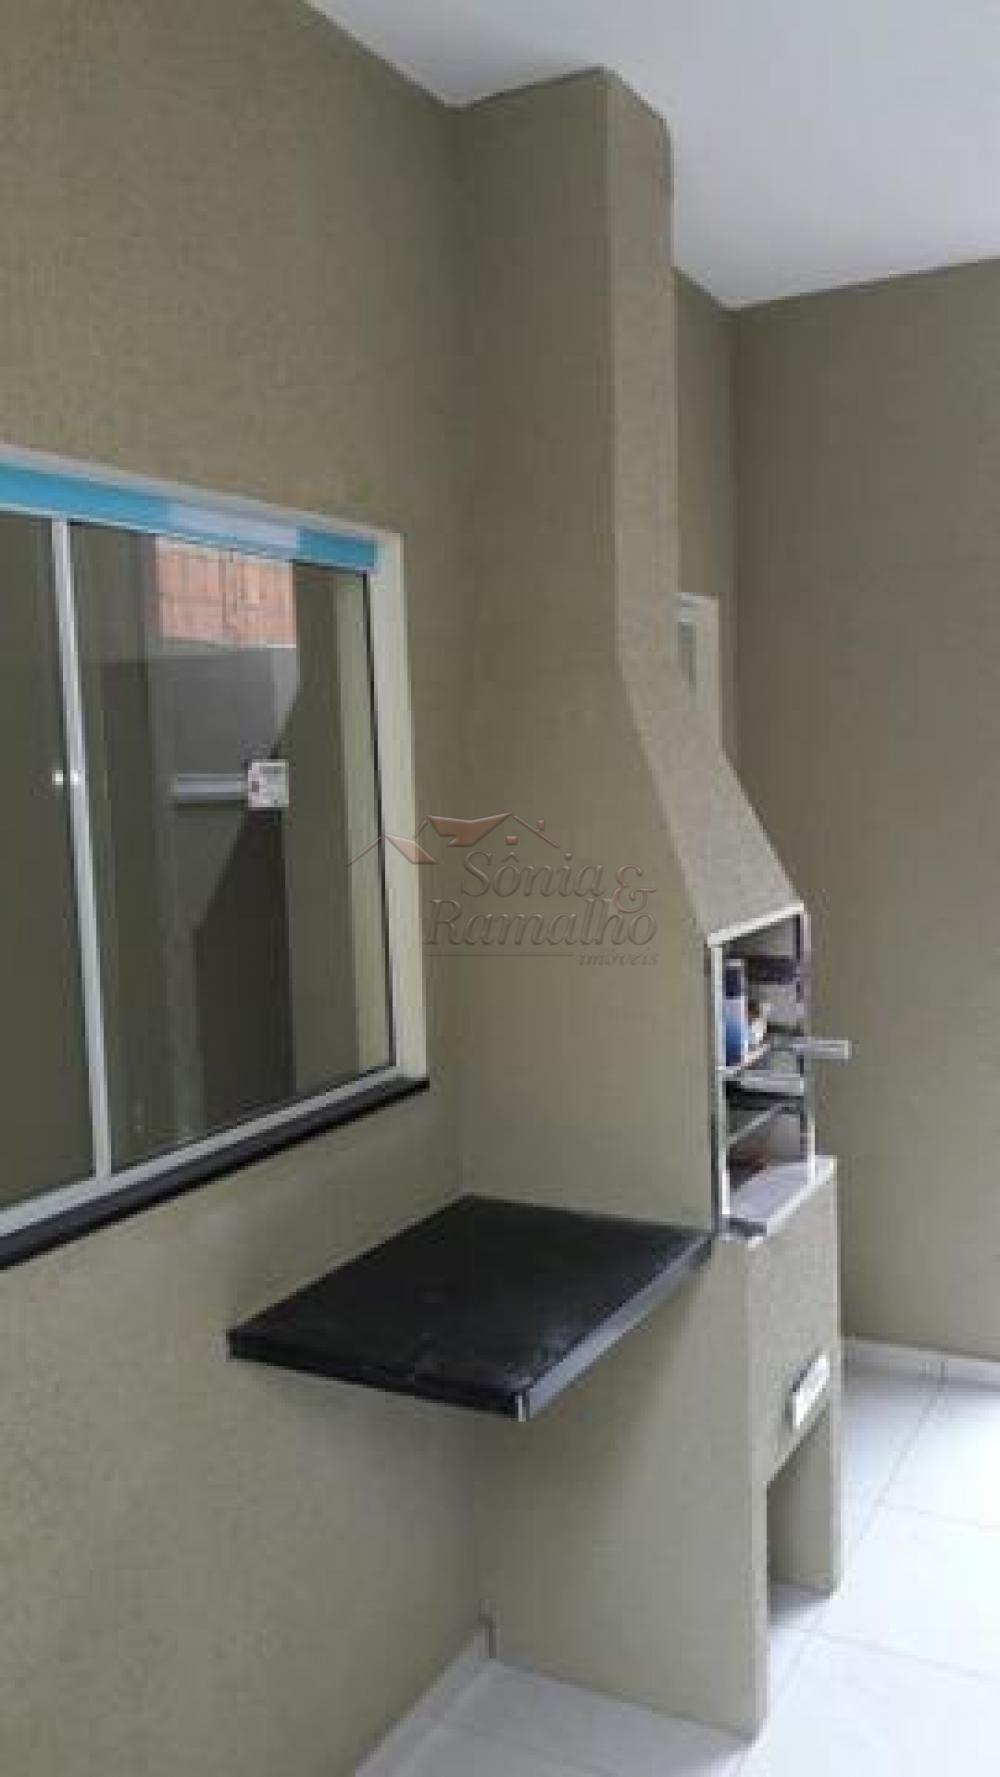 Comprar Casas / Padrão em Ribeirão Preto apenas R$ 205.000,00 - Foto 2